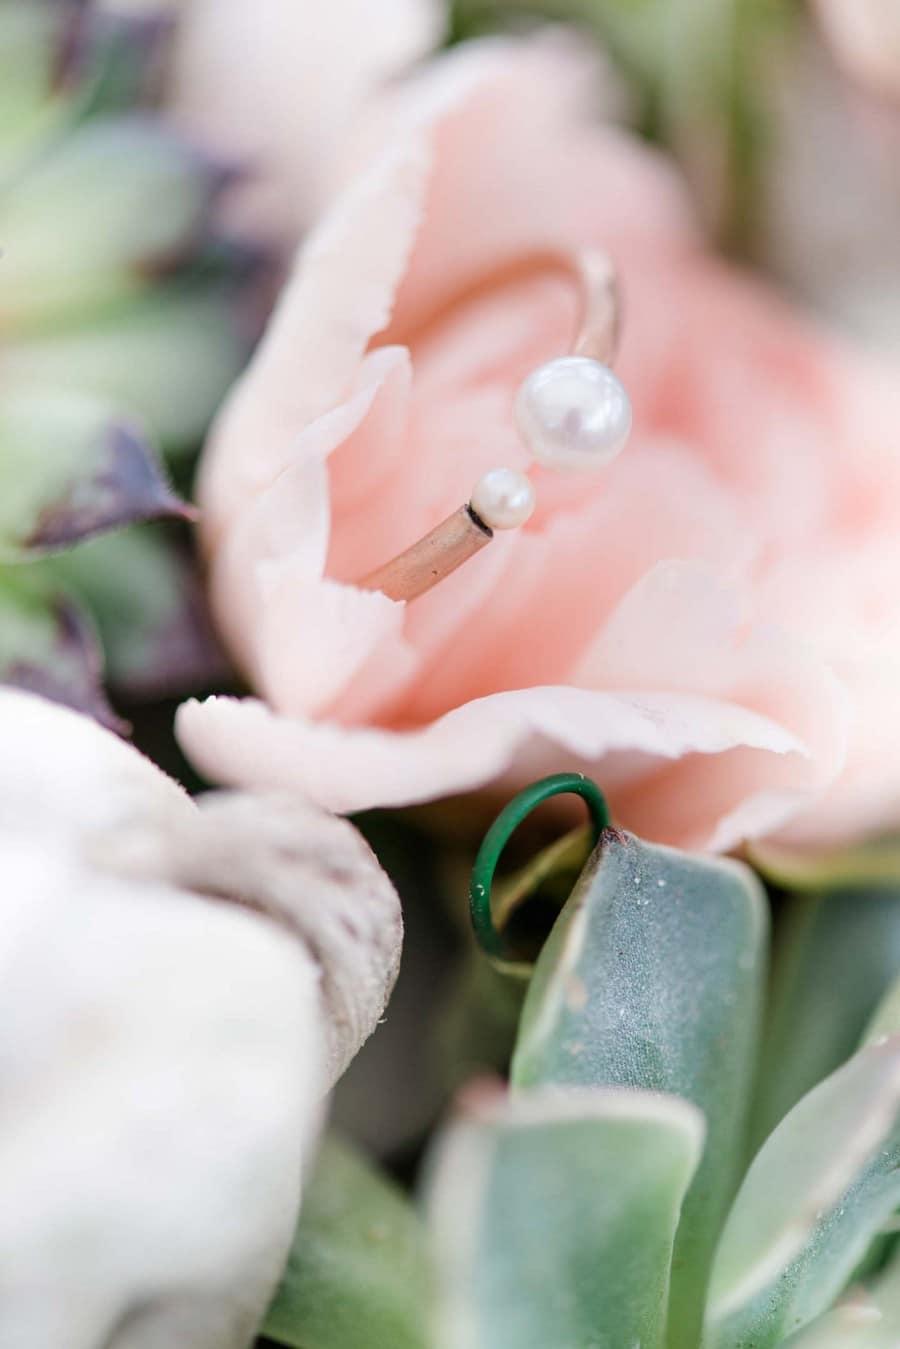 Bezubernder, außergewöhnlicher, offener Verlobungsring mit Perlen aus Gold von Nathalie Bleyer Goldschmiedin in Wien